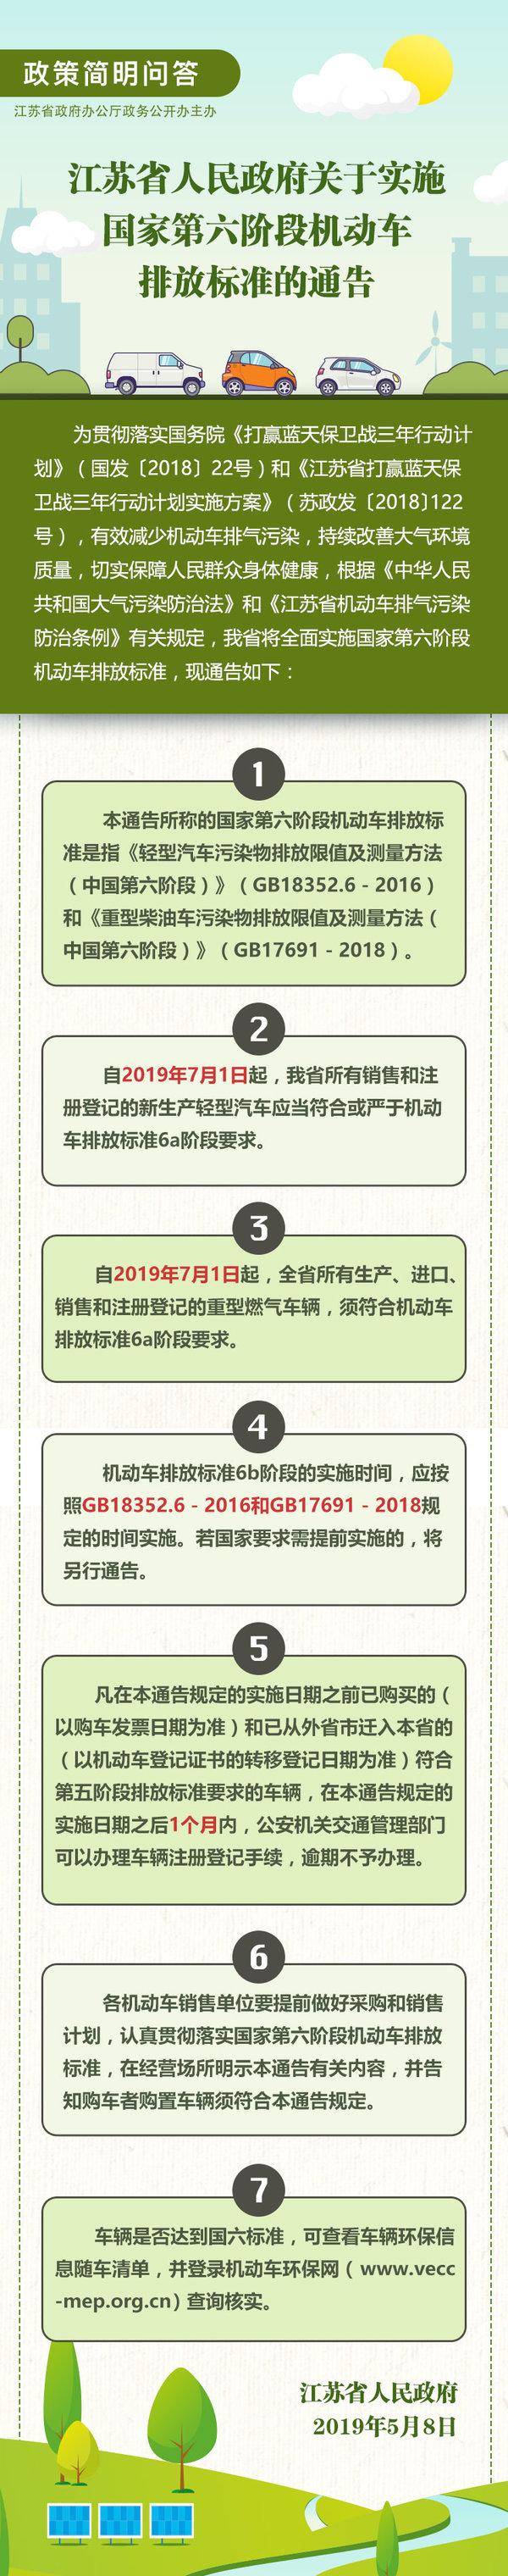 江苏:关于实施国家第六阶段机动车排放标准的通告